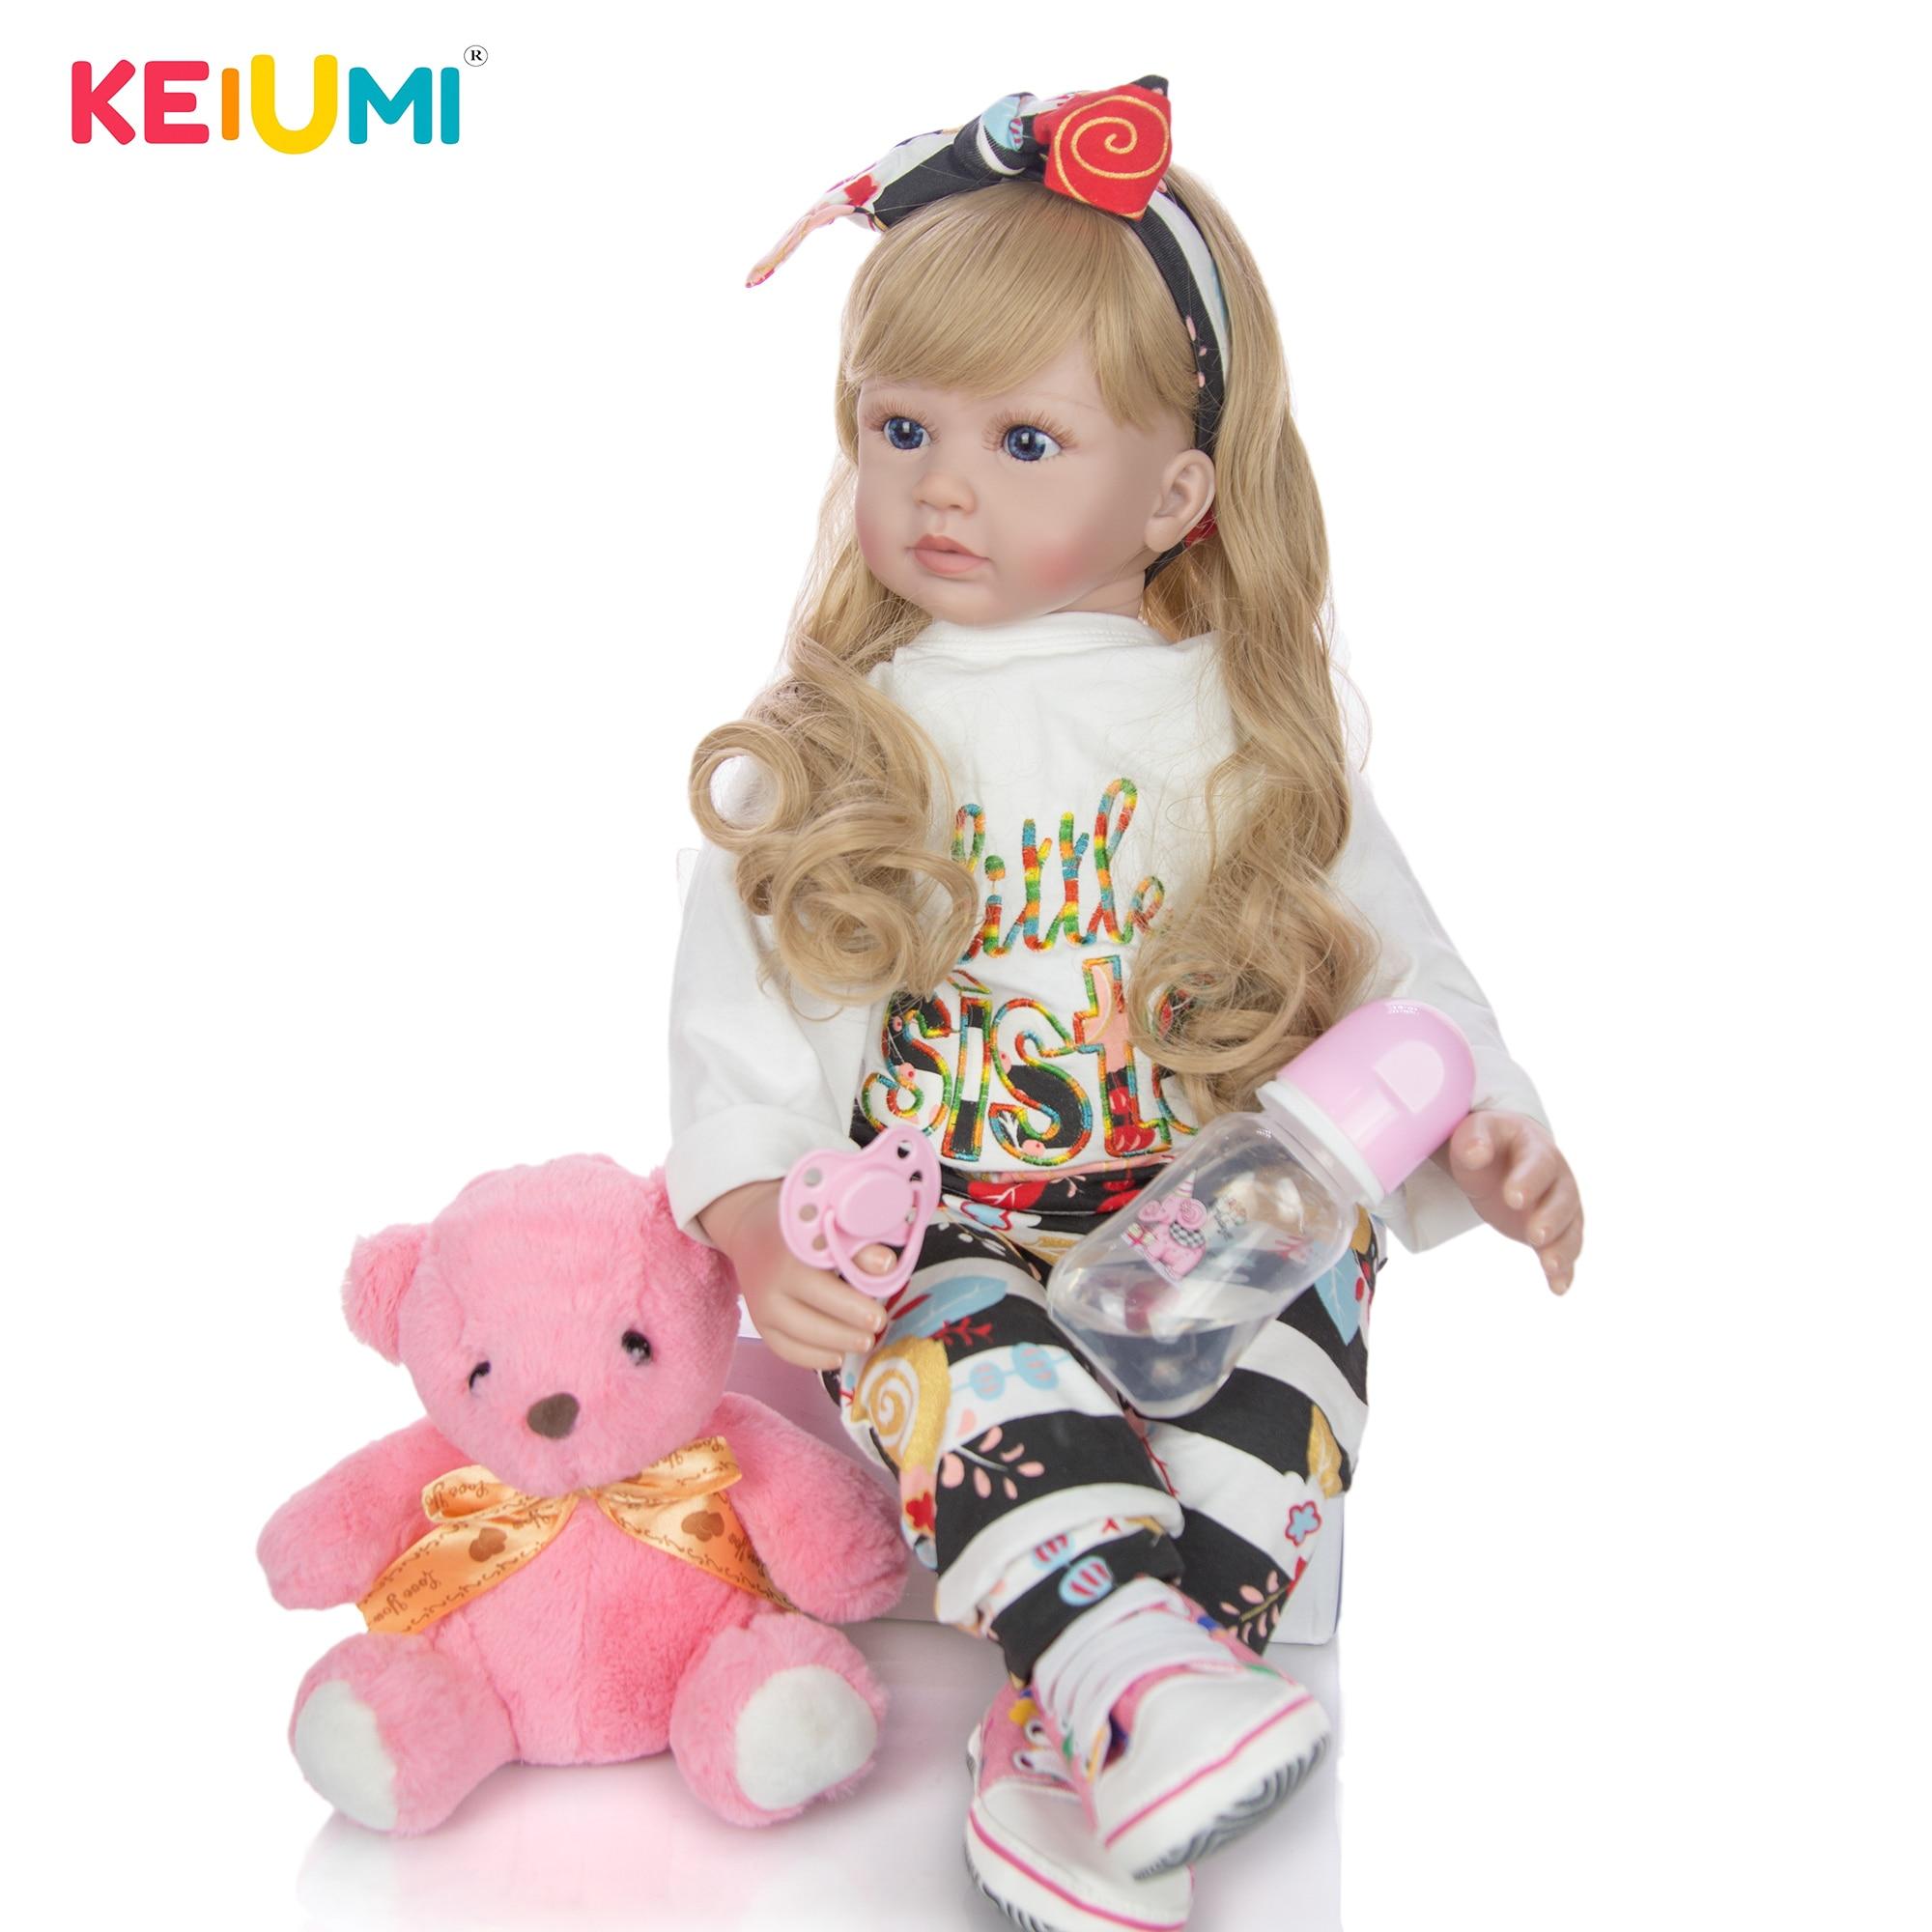 60 cm Silikon Weiche Vinyl Reborn Baby Puppe Lebensechte Prinzessin Puppe Mit Blond Haar Mädchen Brinquedos Geburtstag Geschenk Spielen Puppe spielzeug